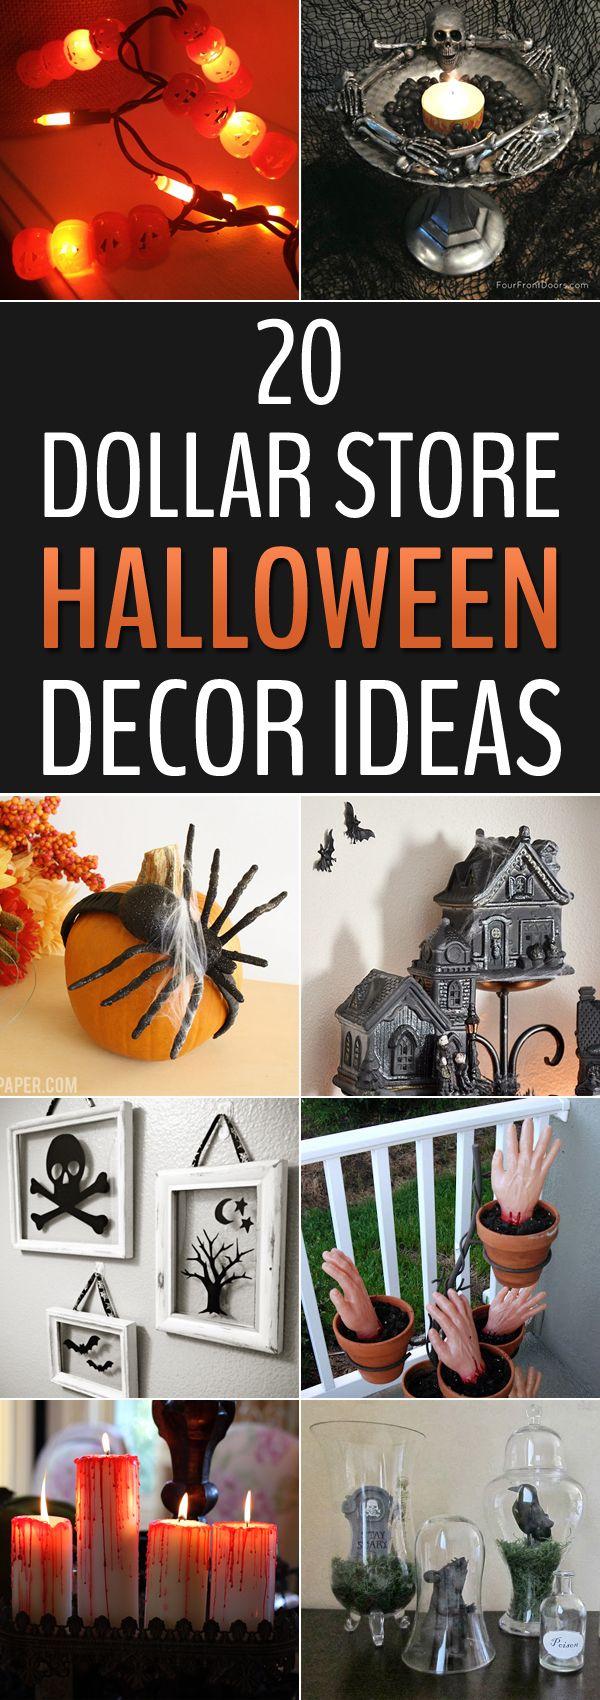 20 Dollar Store Halloween Decor Ideas →